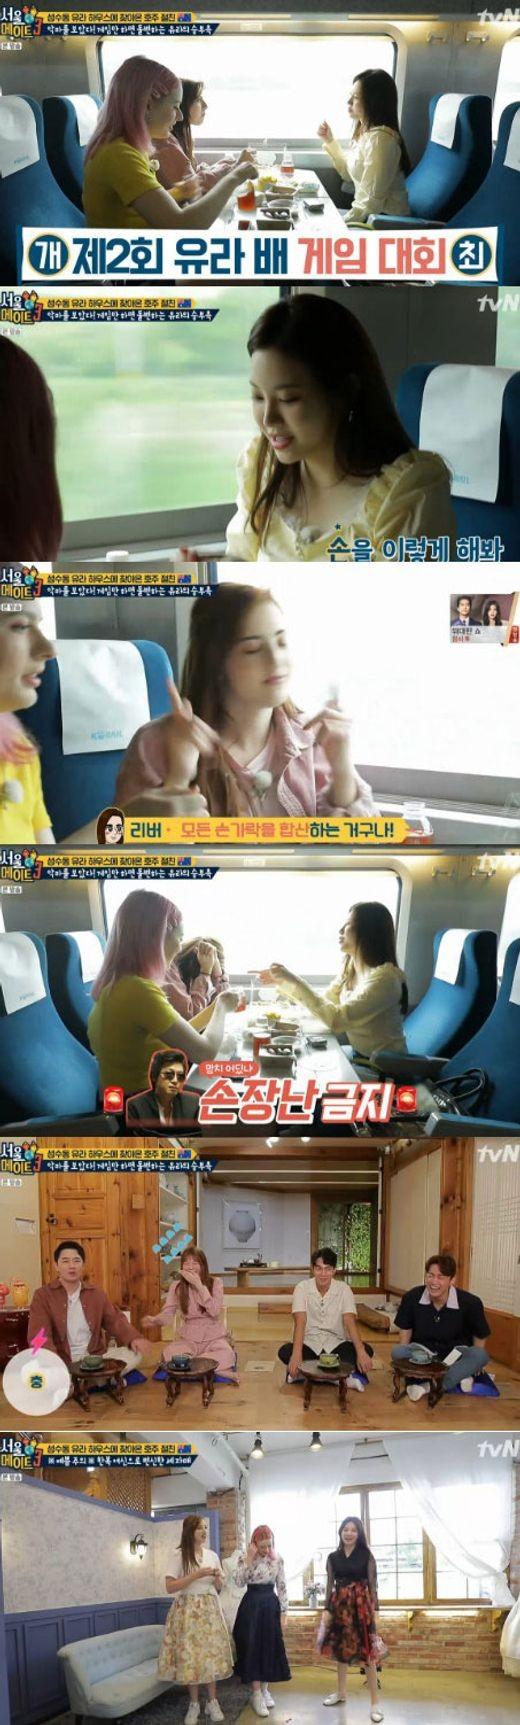 '서울메이트3' 유라X메이트들, 전주 랜덤플레이 댄스파티 '흥폭발' [종합]